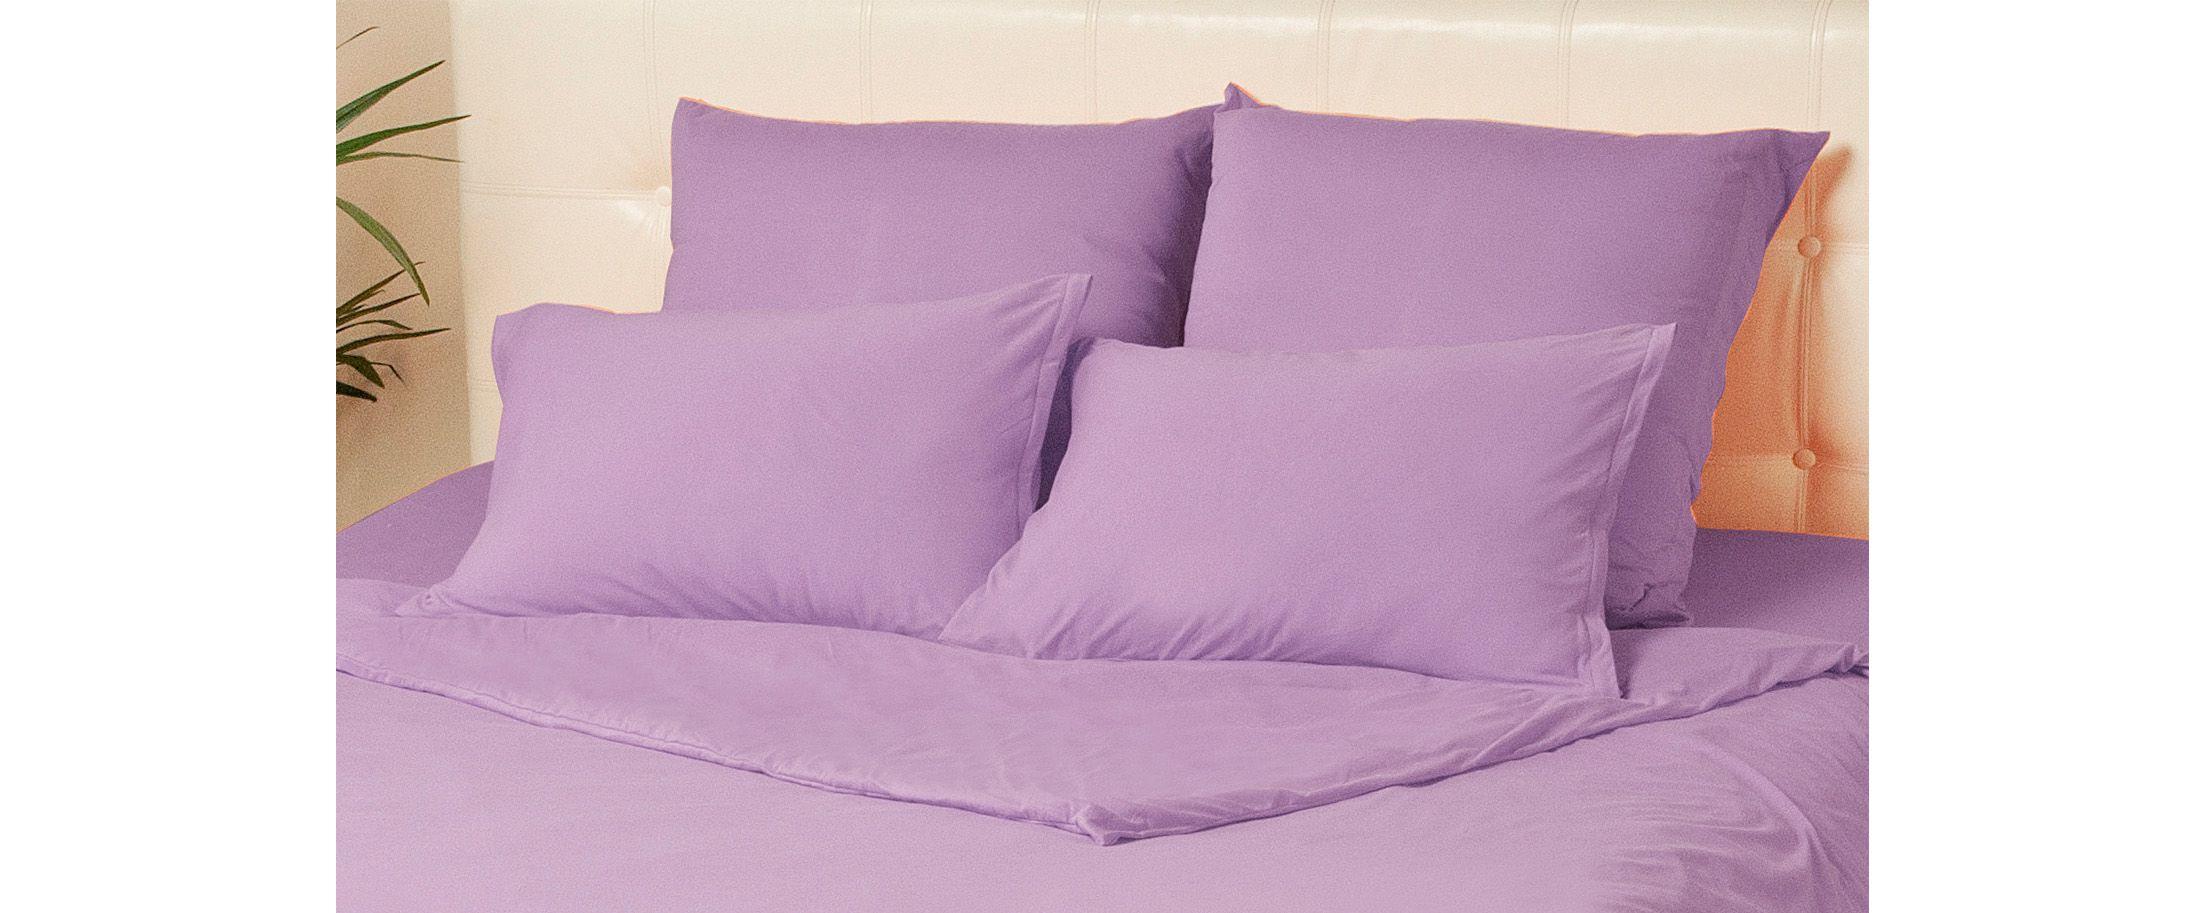 Комплект наволочек на молнии 50х70 сиреневого цвета Violett Модель 4002Комплект наволочек на молнии 50х70 сиреневого цвета Violett Модель 4002. Артикул К000702<br><br>Ширина см: 50<br>Глубина см: 70<br>Высота см: 1<br>Цвет: Сиреневый<br>Материал: Хлопок